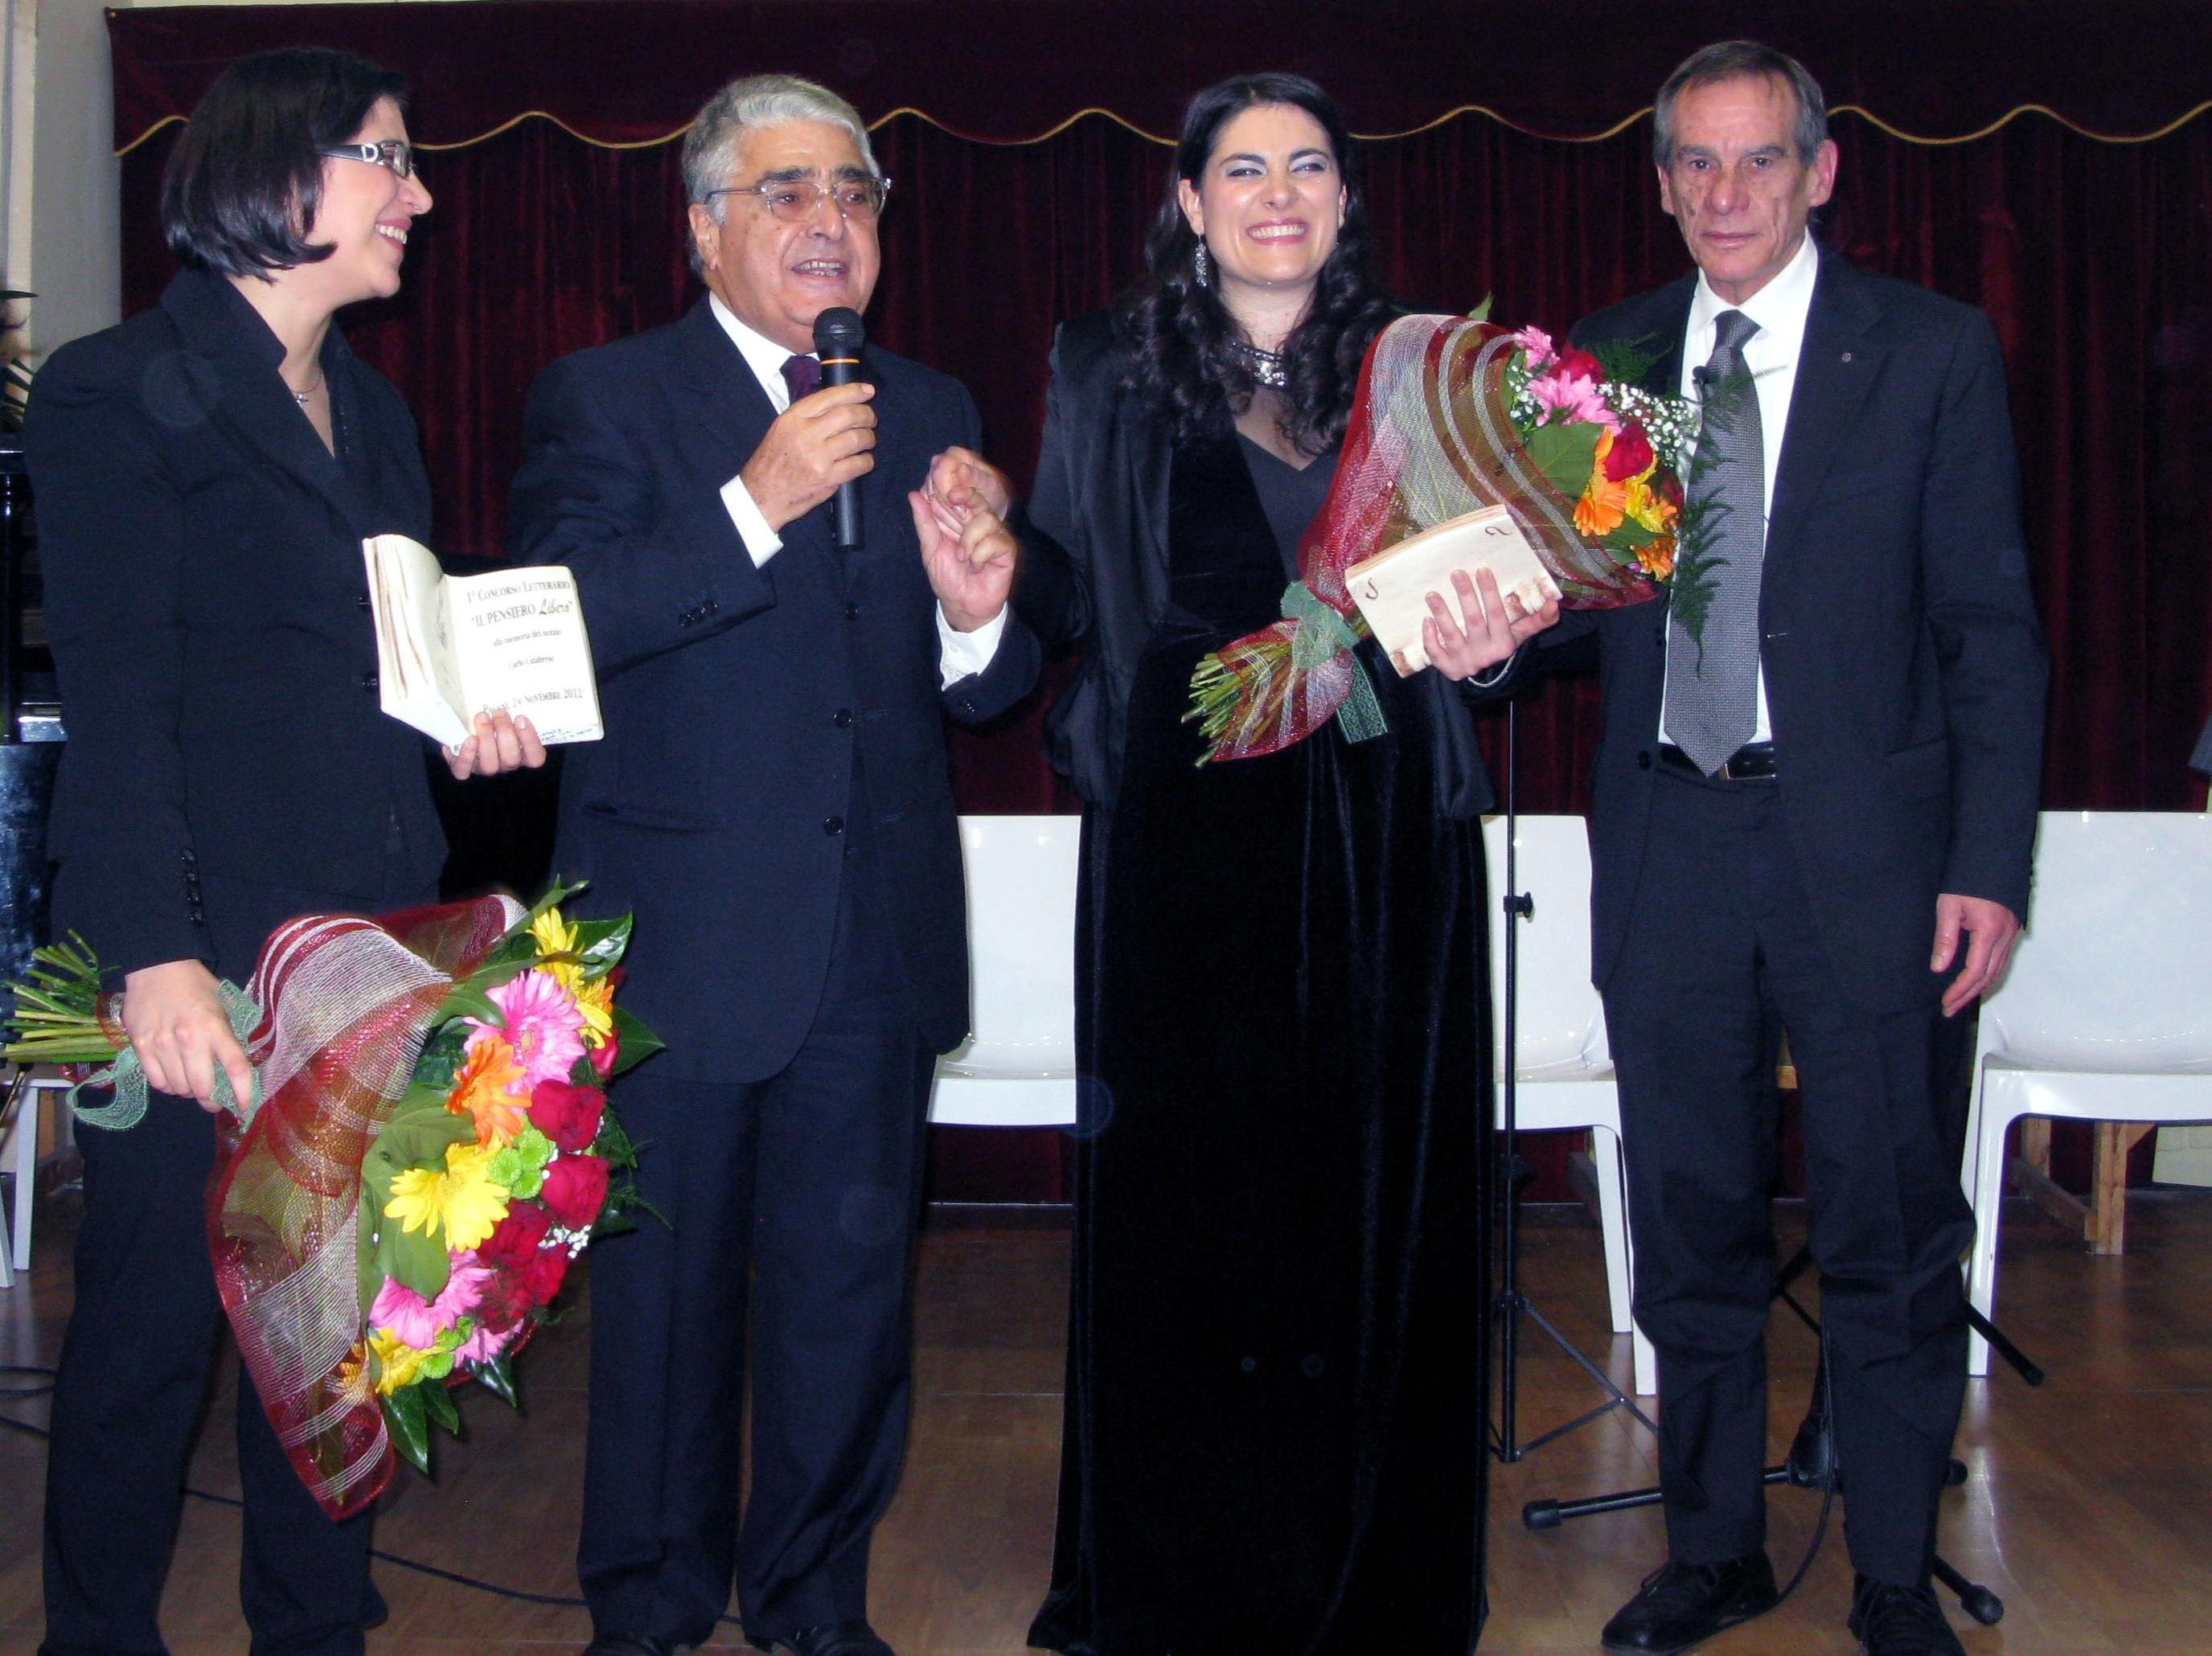 Primo Concorso Letterario alla memoria del notaio Calabrese a Pagani